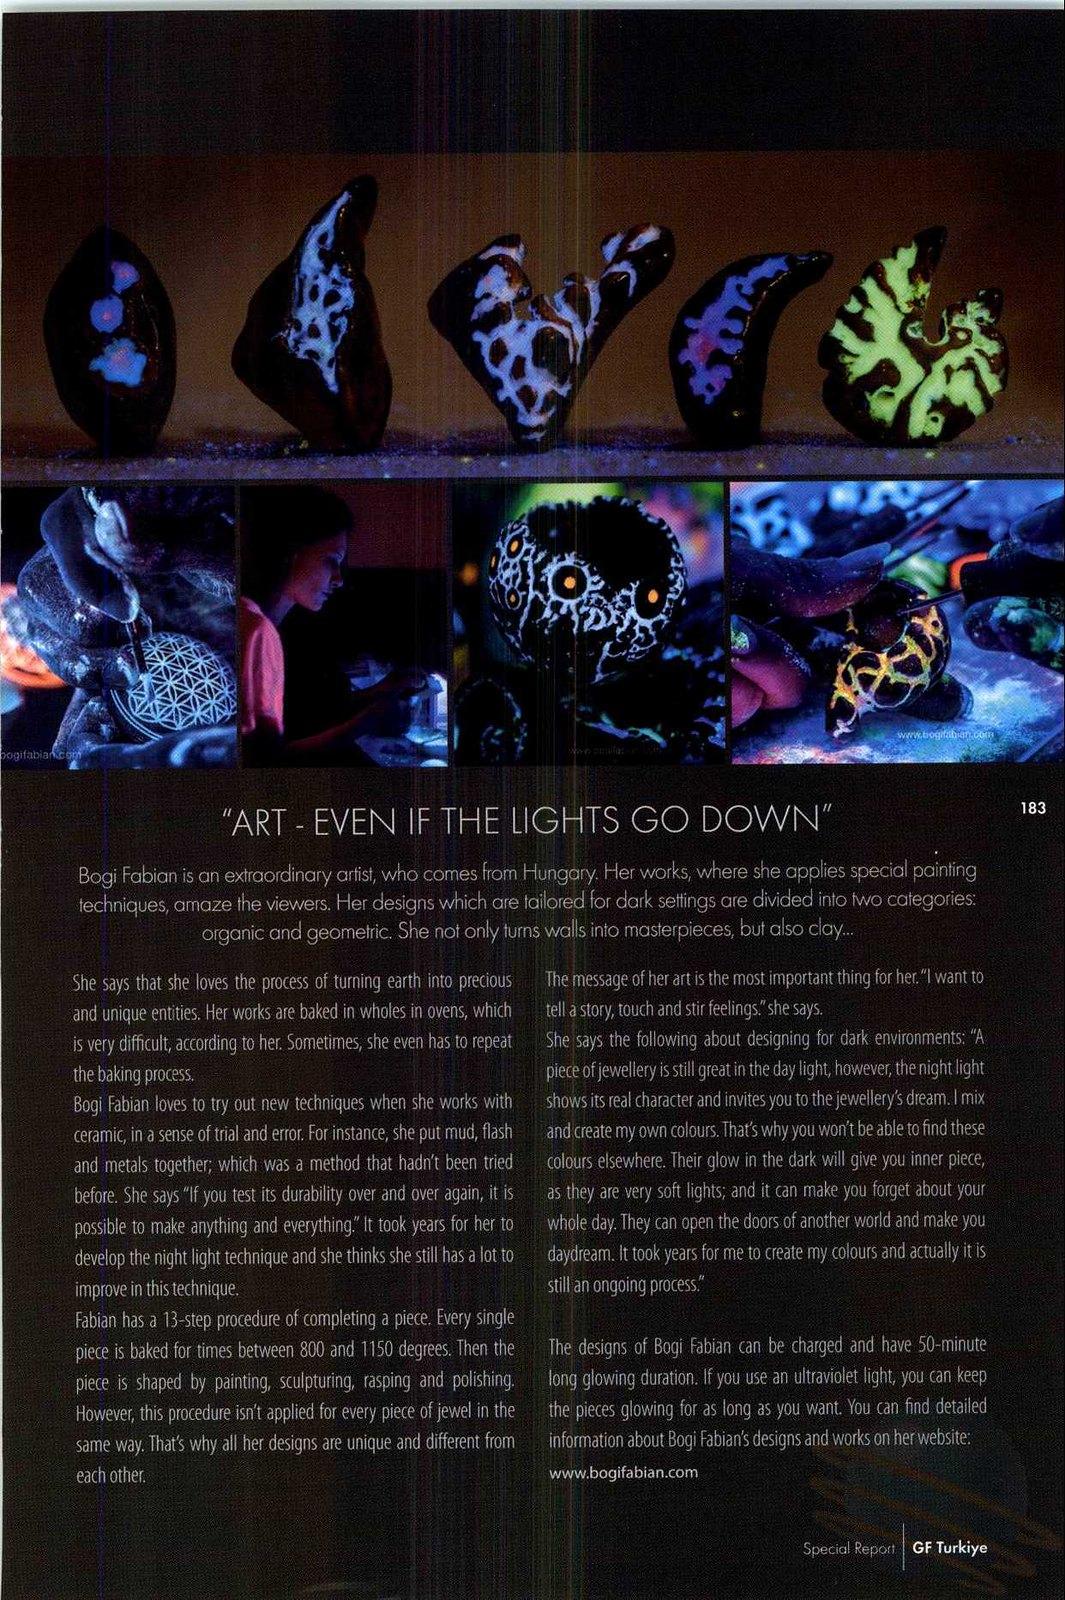 fabian bogi 2 GF Luxury Aylık Dergi